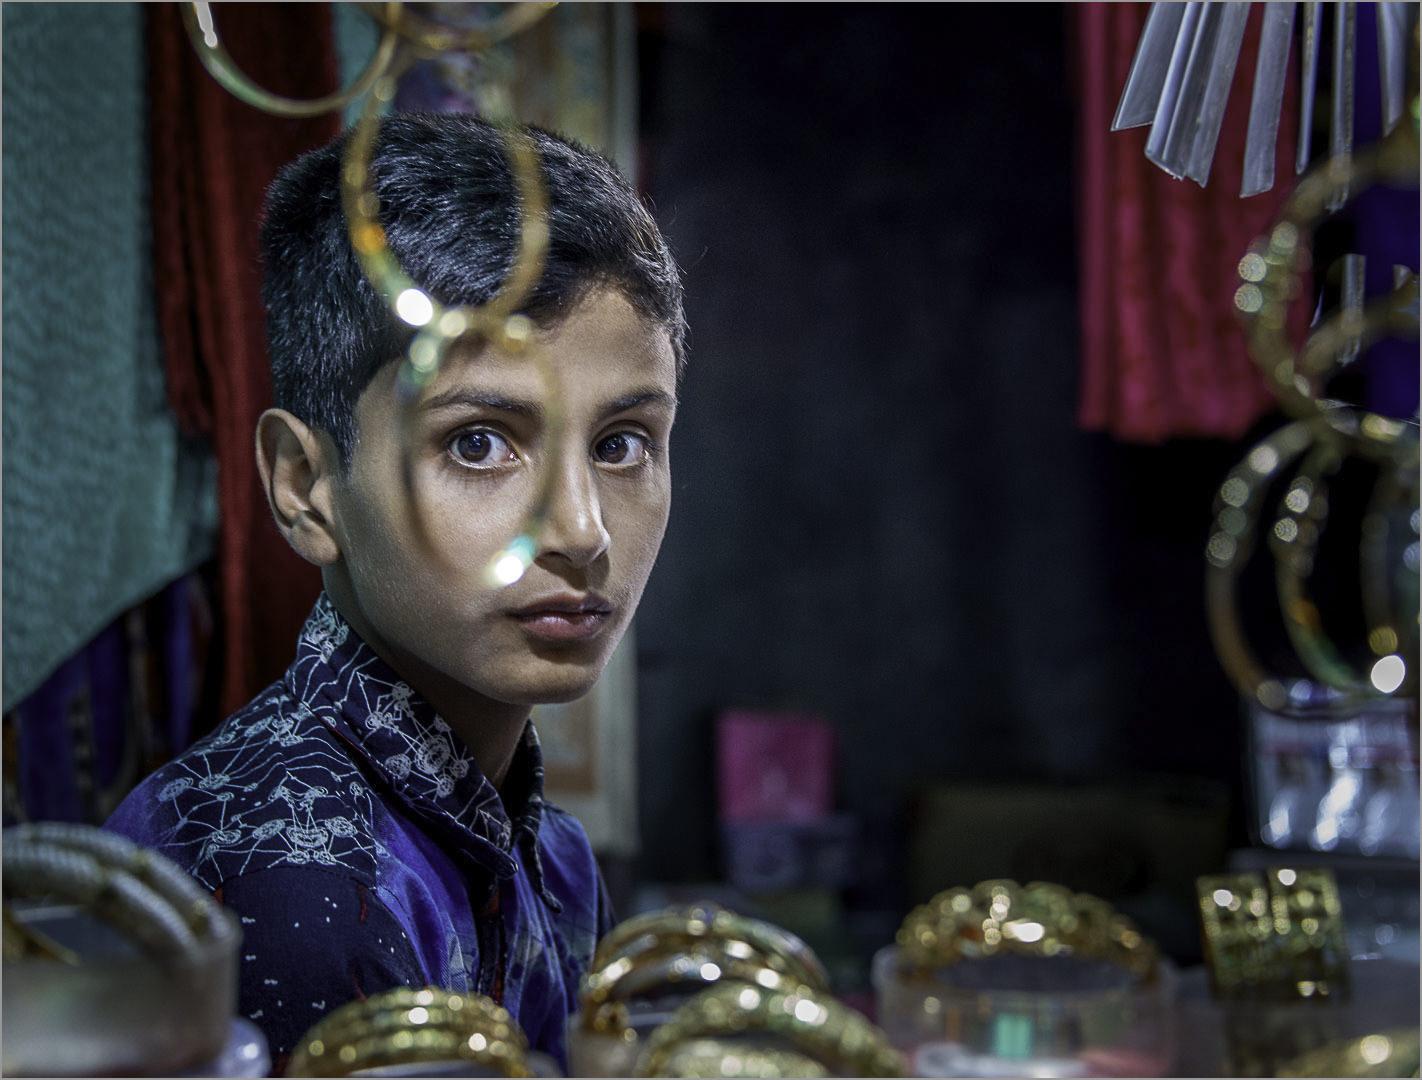 Kashmir Jeweller